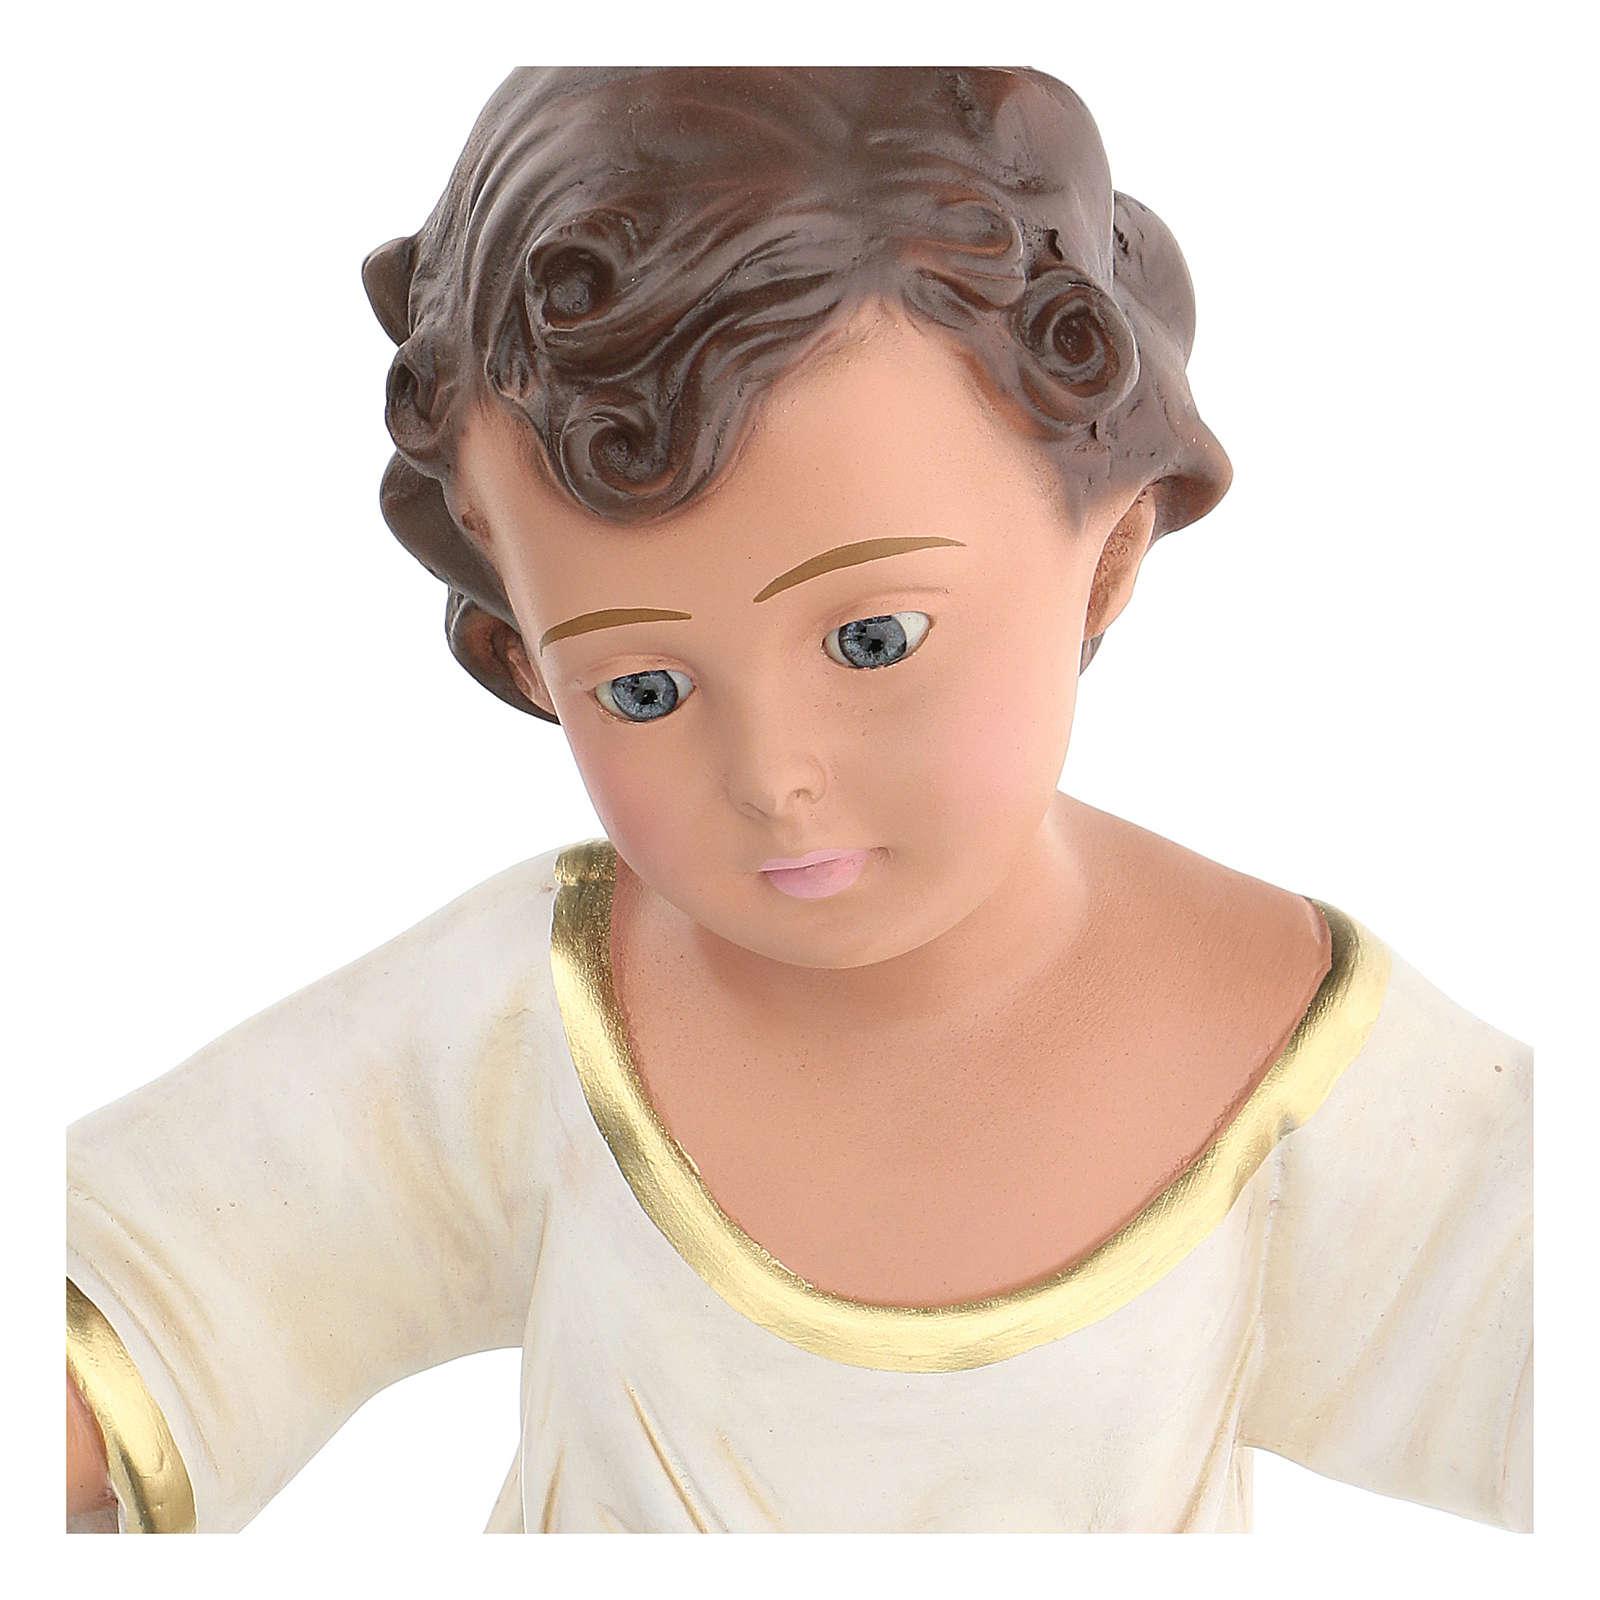 Niño Jesús h real 36 cm yeso con ojos de vidrio Barsanti 4